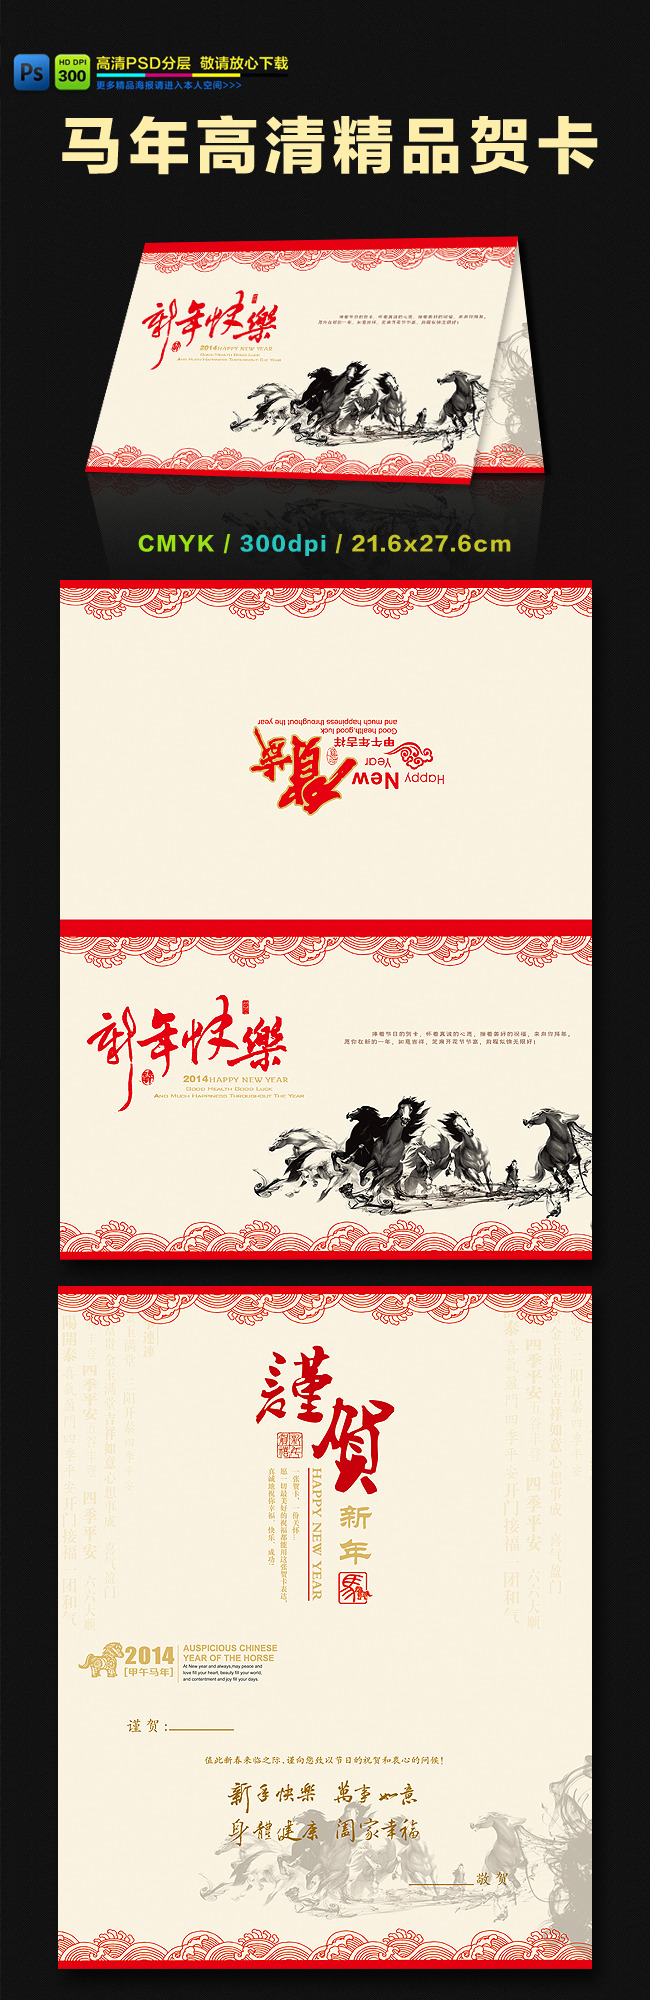 2014马年新年贺卡明信片设计模板下载